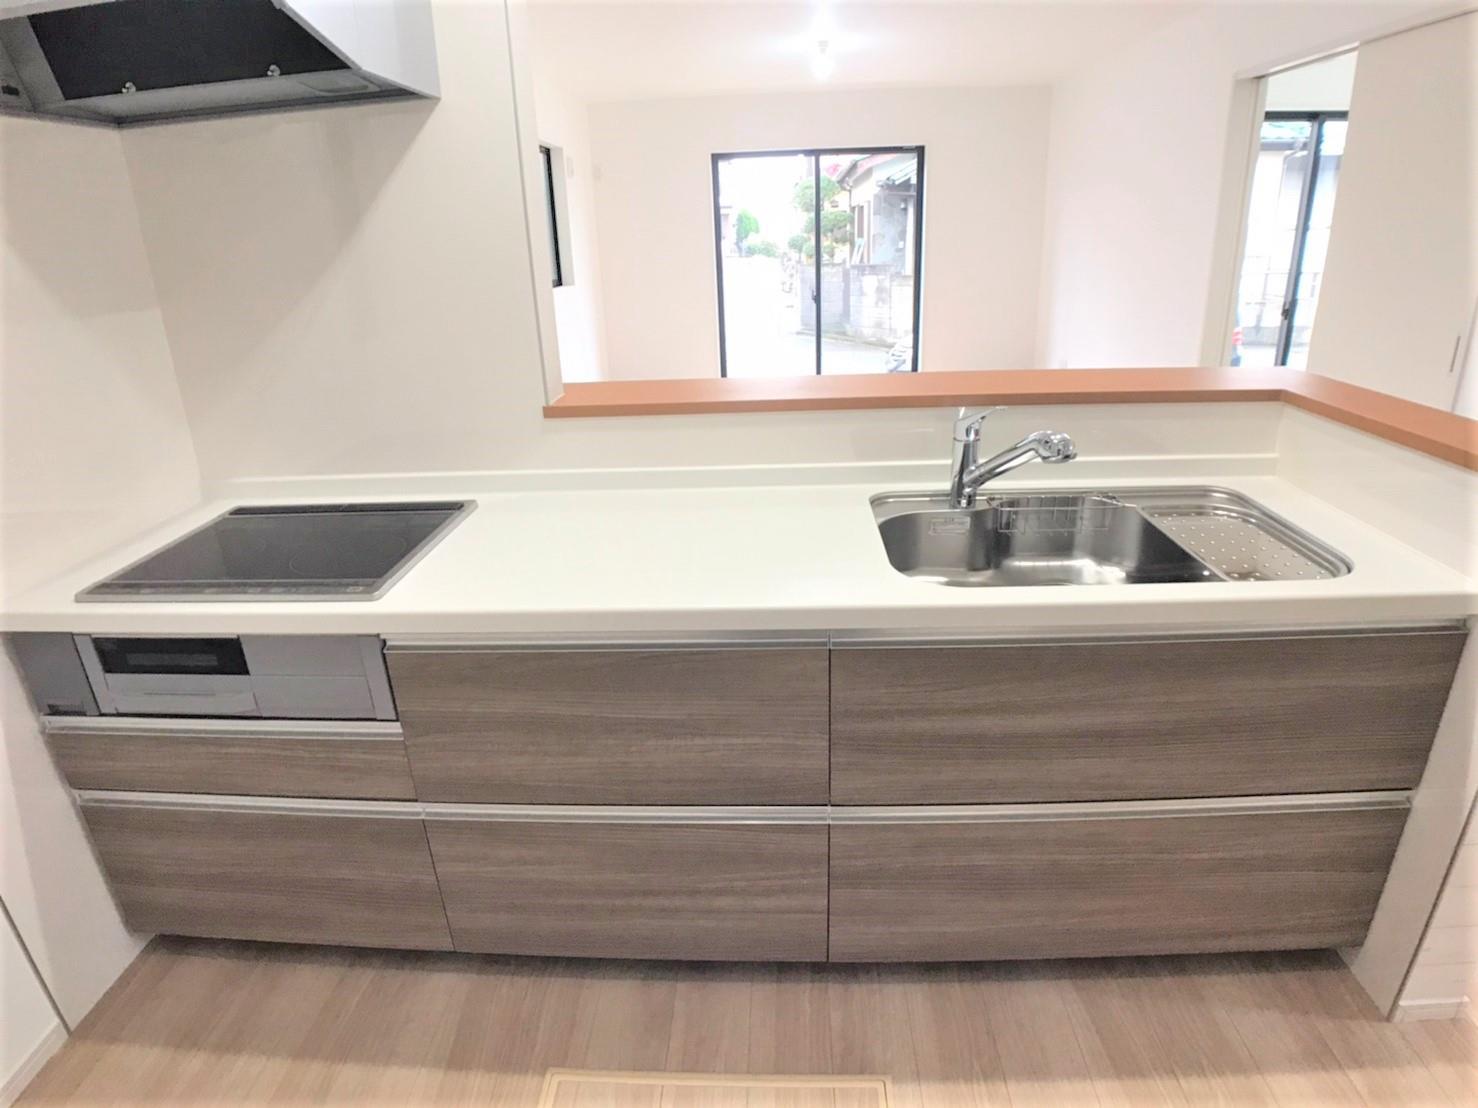 1号棟・キッチン  ●キッチンワークトップの天板は傷がつきにくく、美しい人造大理石仕上。日頃のお手入れもラクラクに行えます♪シンクは水ハネ音が軽減される、静音設計です。